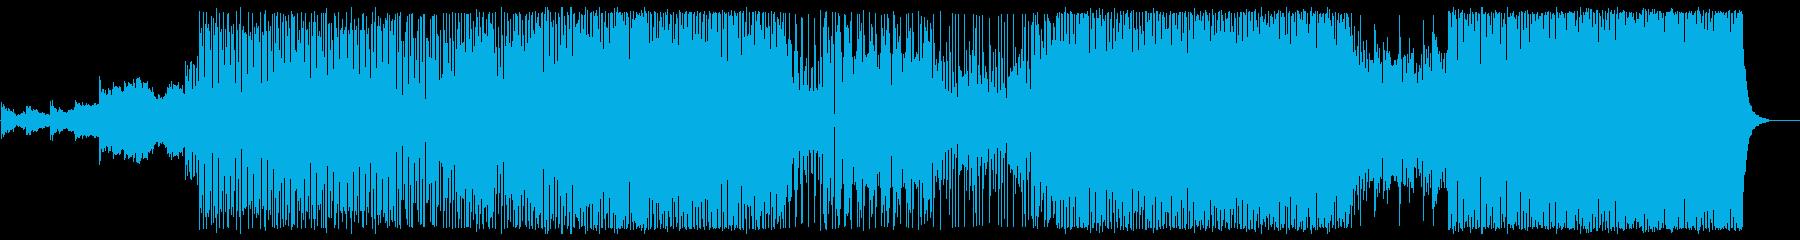 アップテンポで躍動感のあるポップスの再生済みの波形